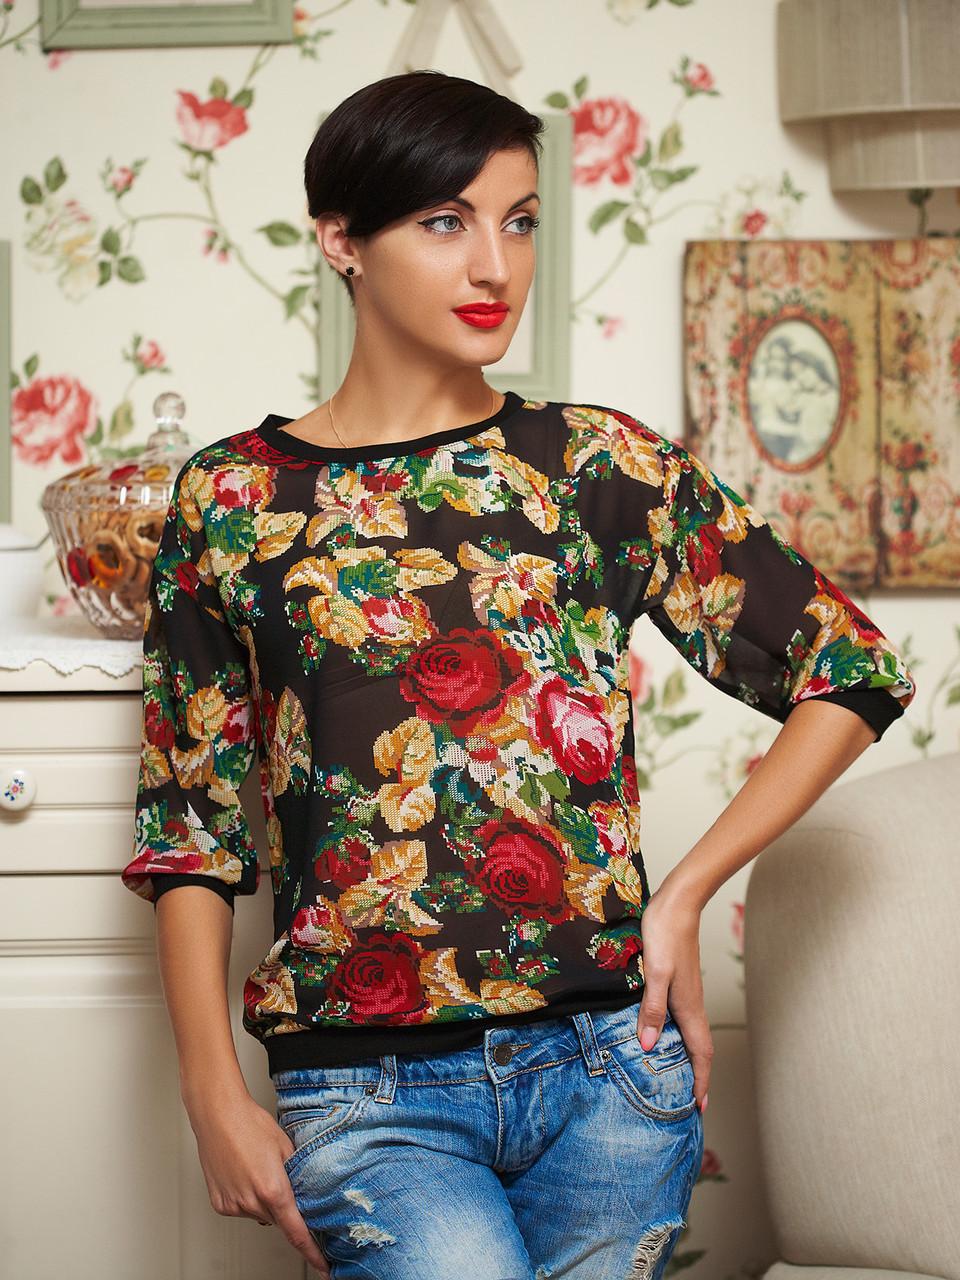 1306ad9eb1d Блуза цветочный принт 48р - Wellness-sistem - интернет магазин одежды и  обуви украинского производителя